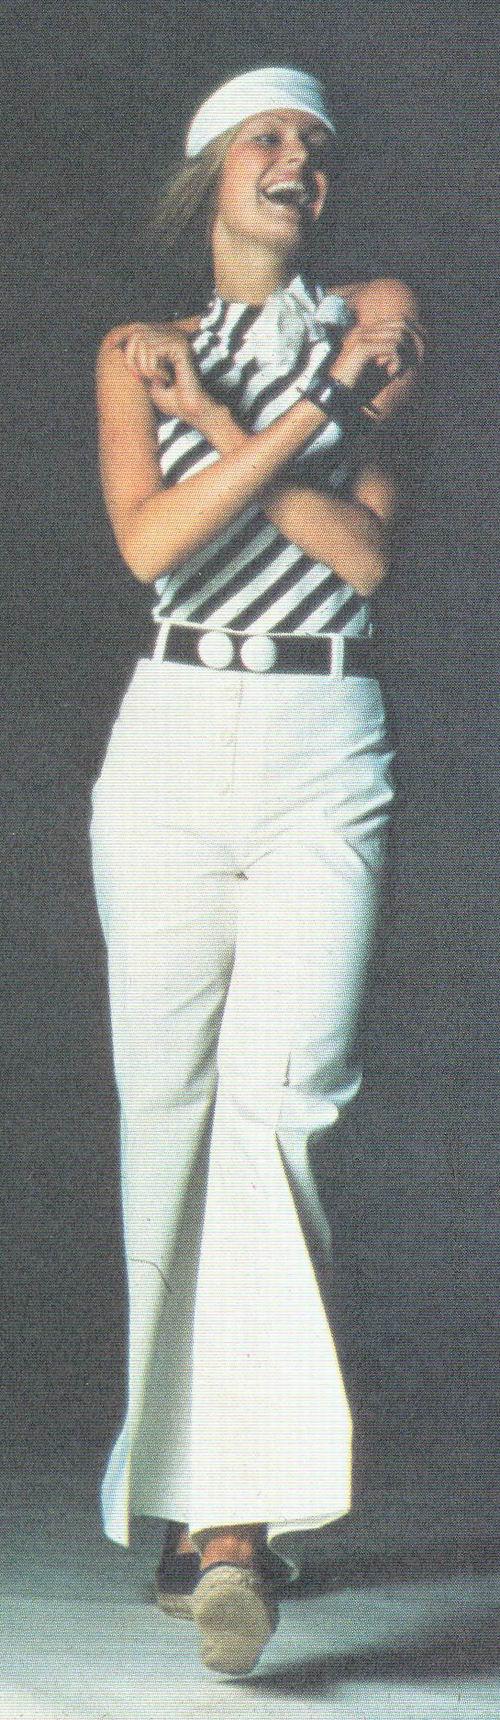 Modas e Bordados, No. 3213, Setembro 5 1973 - 9a